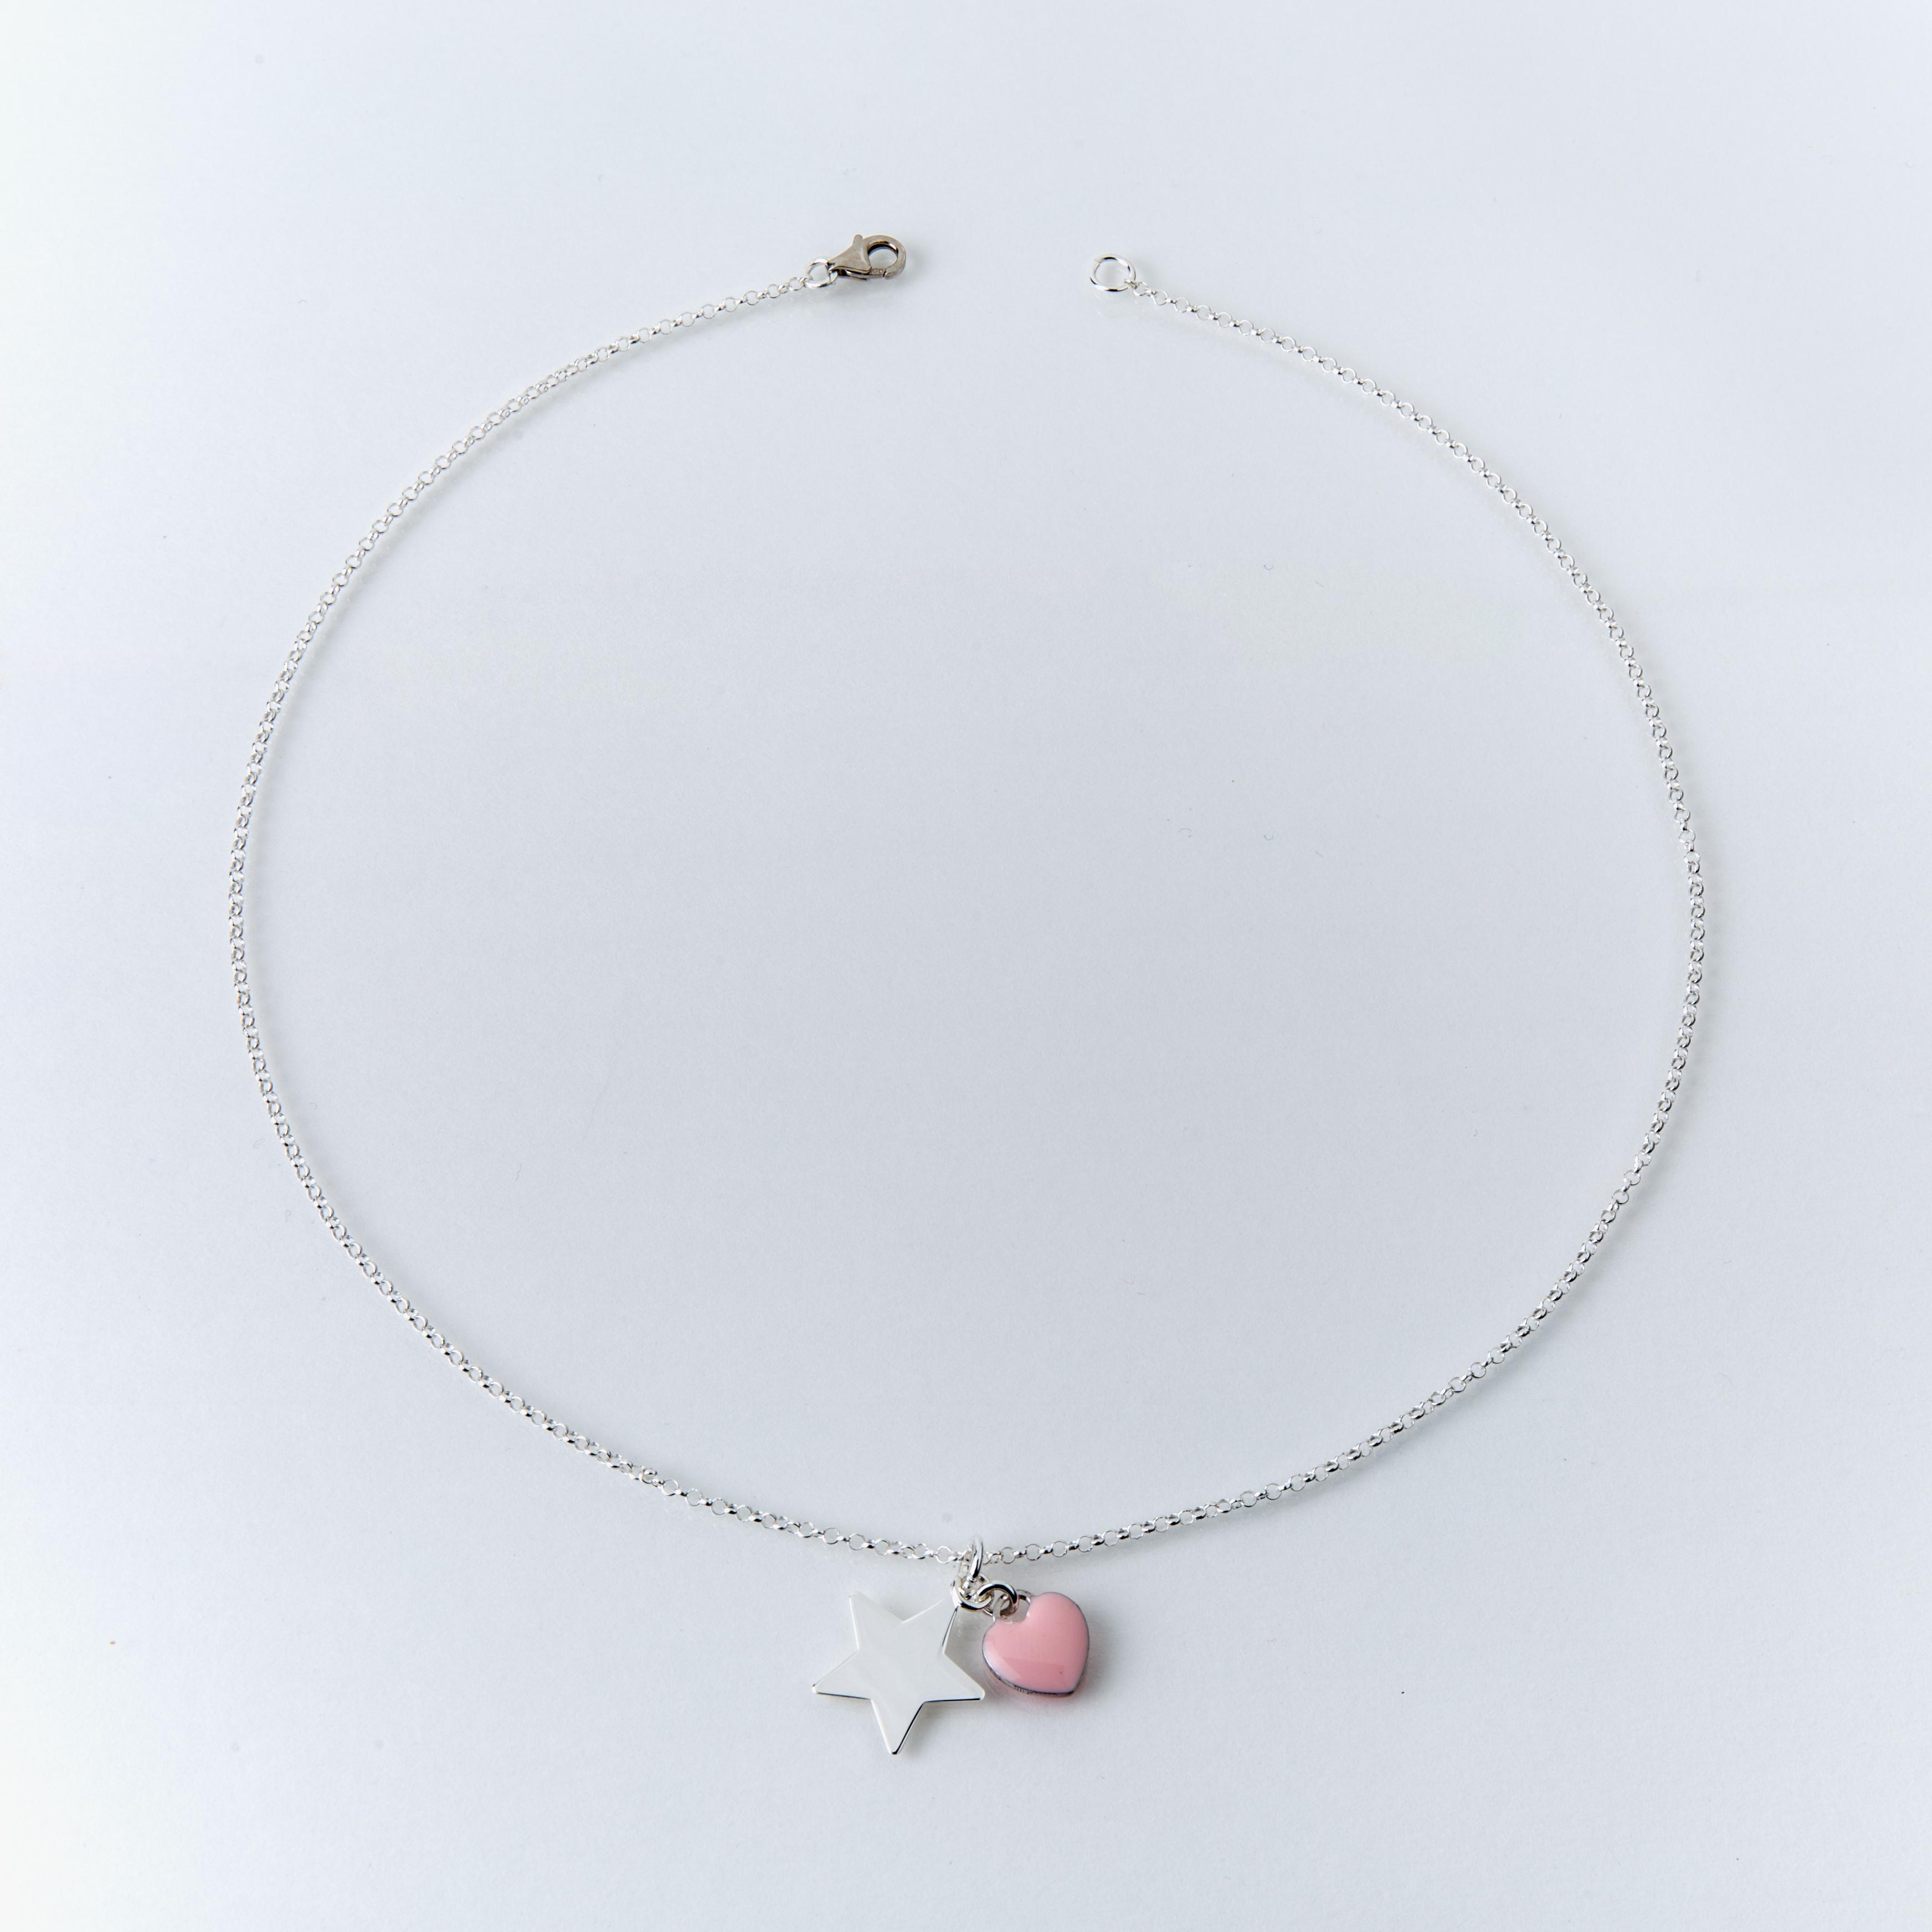 Collana girocollo in argento 925% cuore smaltato e stella